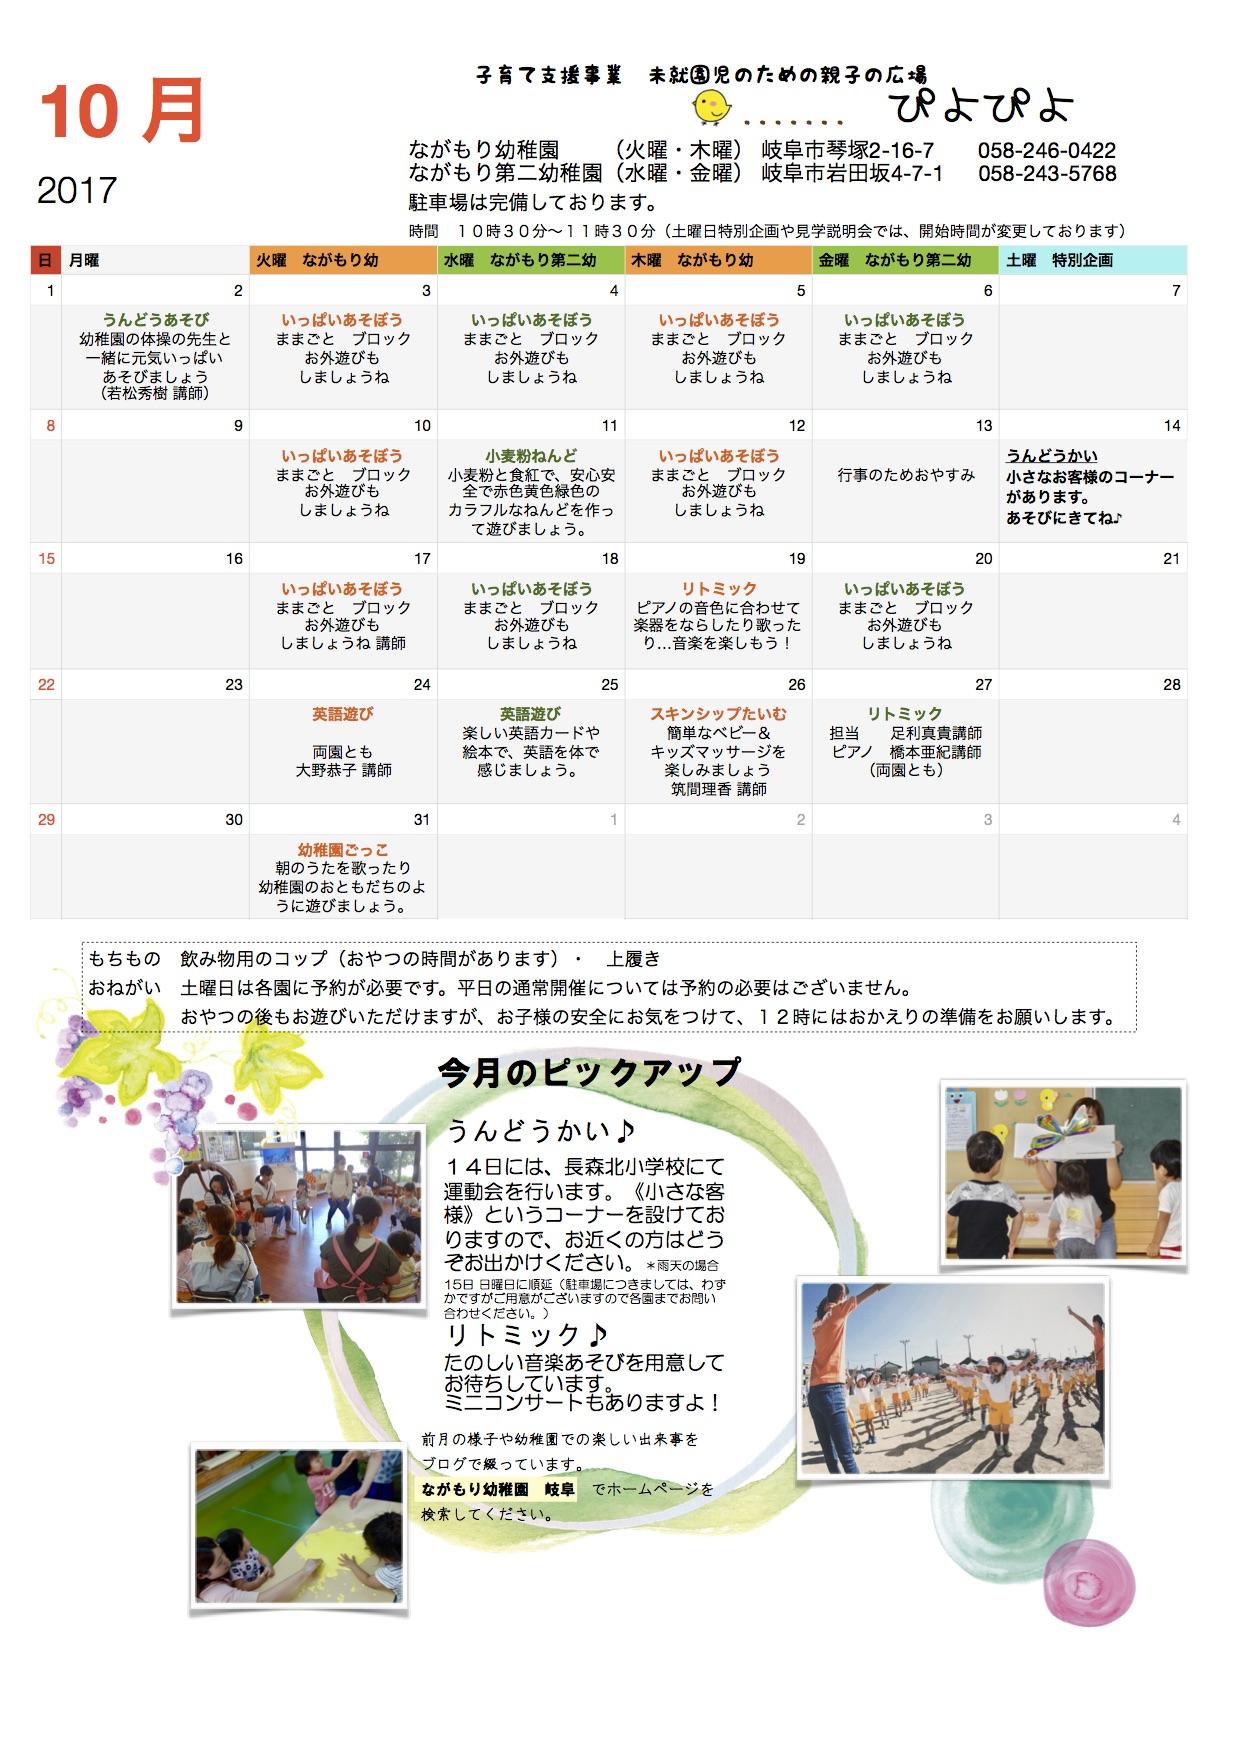 未就園児/10月の予定 (未就園児と親子のためのひろばぴよぴよ)